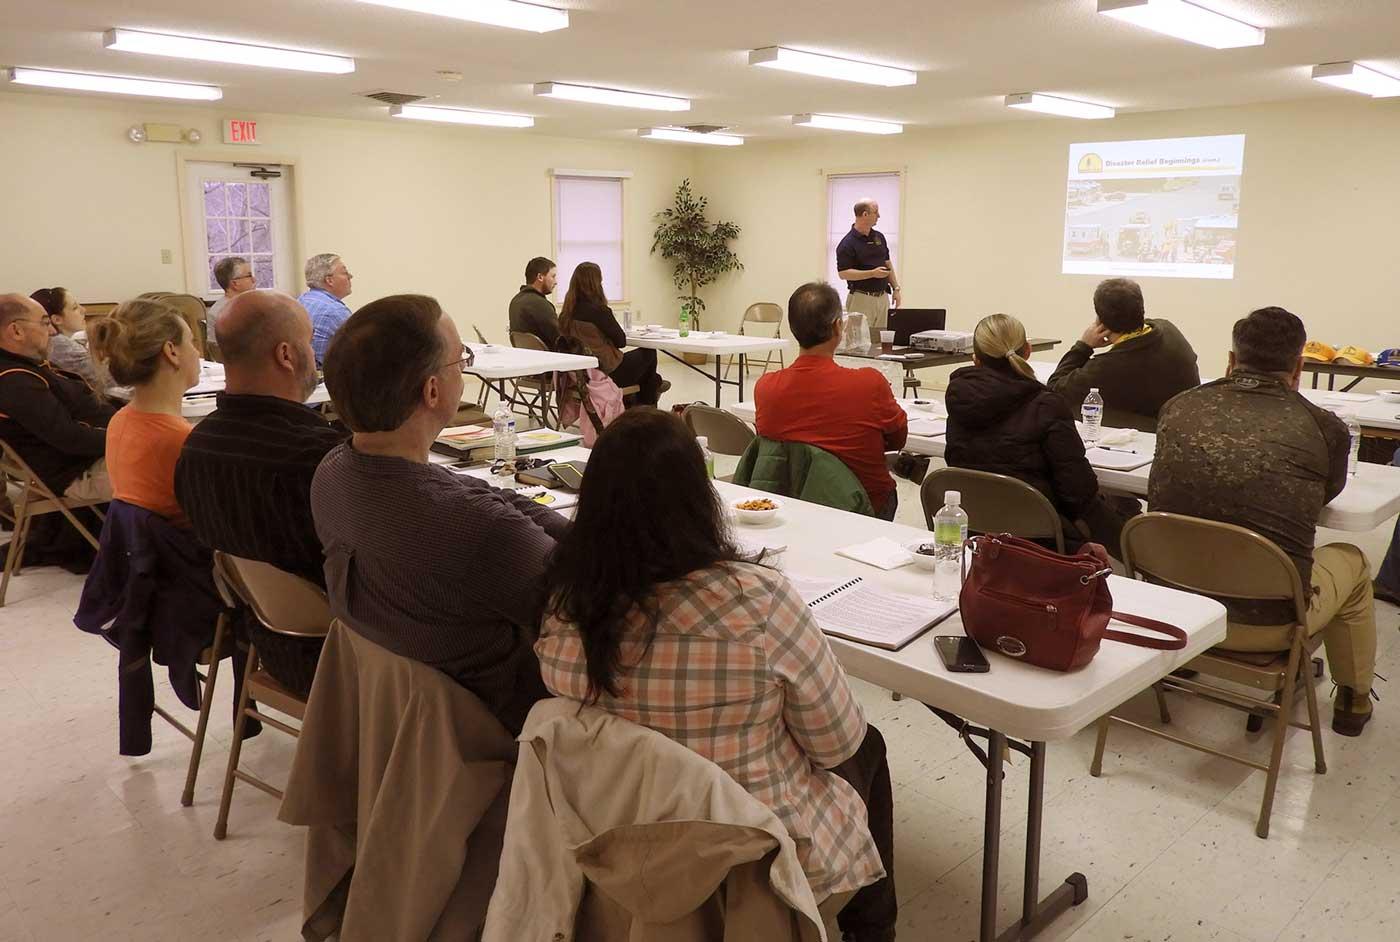 Imagen de un taller formativo dentro del programa elaborado por dinamia para capacitar al personal municipal del Ayuntamiento de Madrid